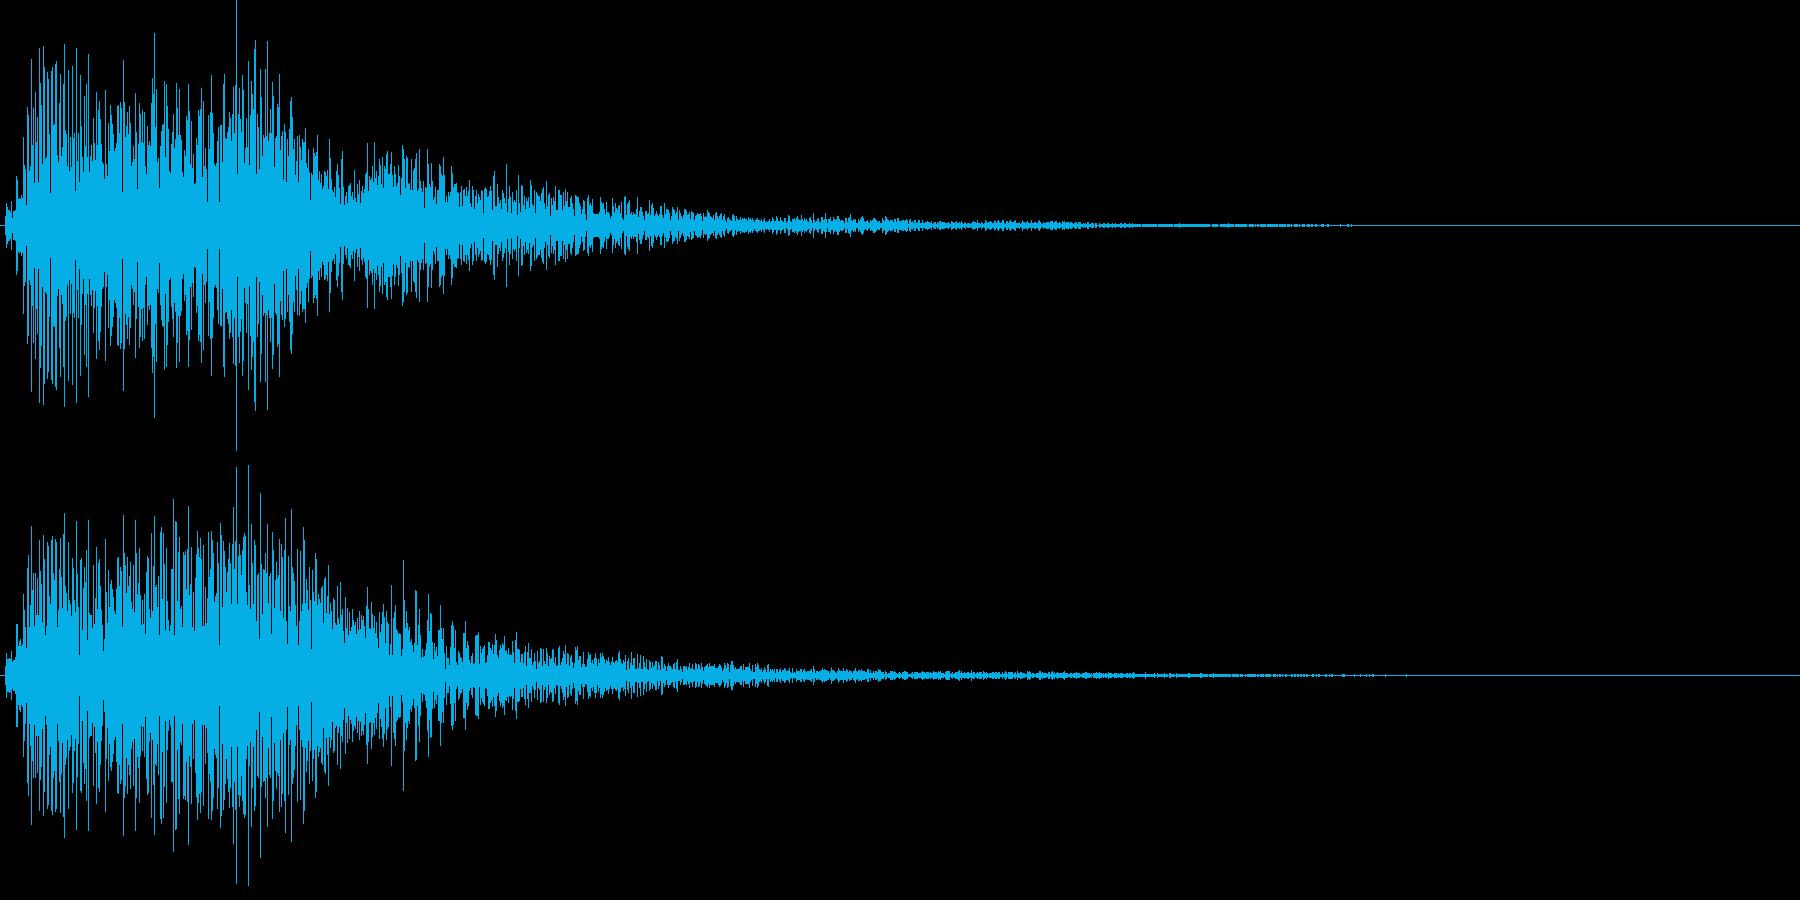 デデデン(エラー、アイキャッチ、失敗)の再生済みの波形